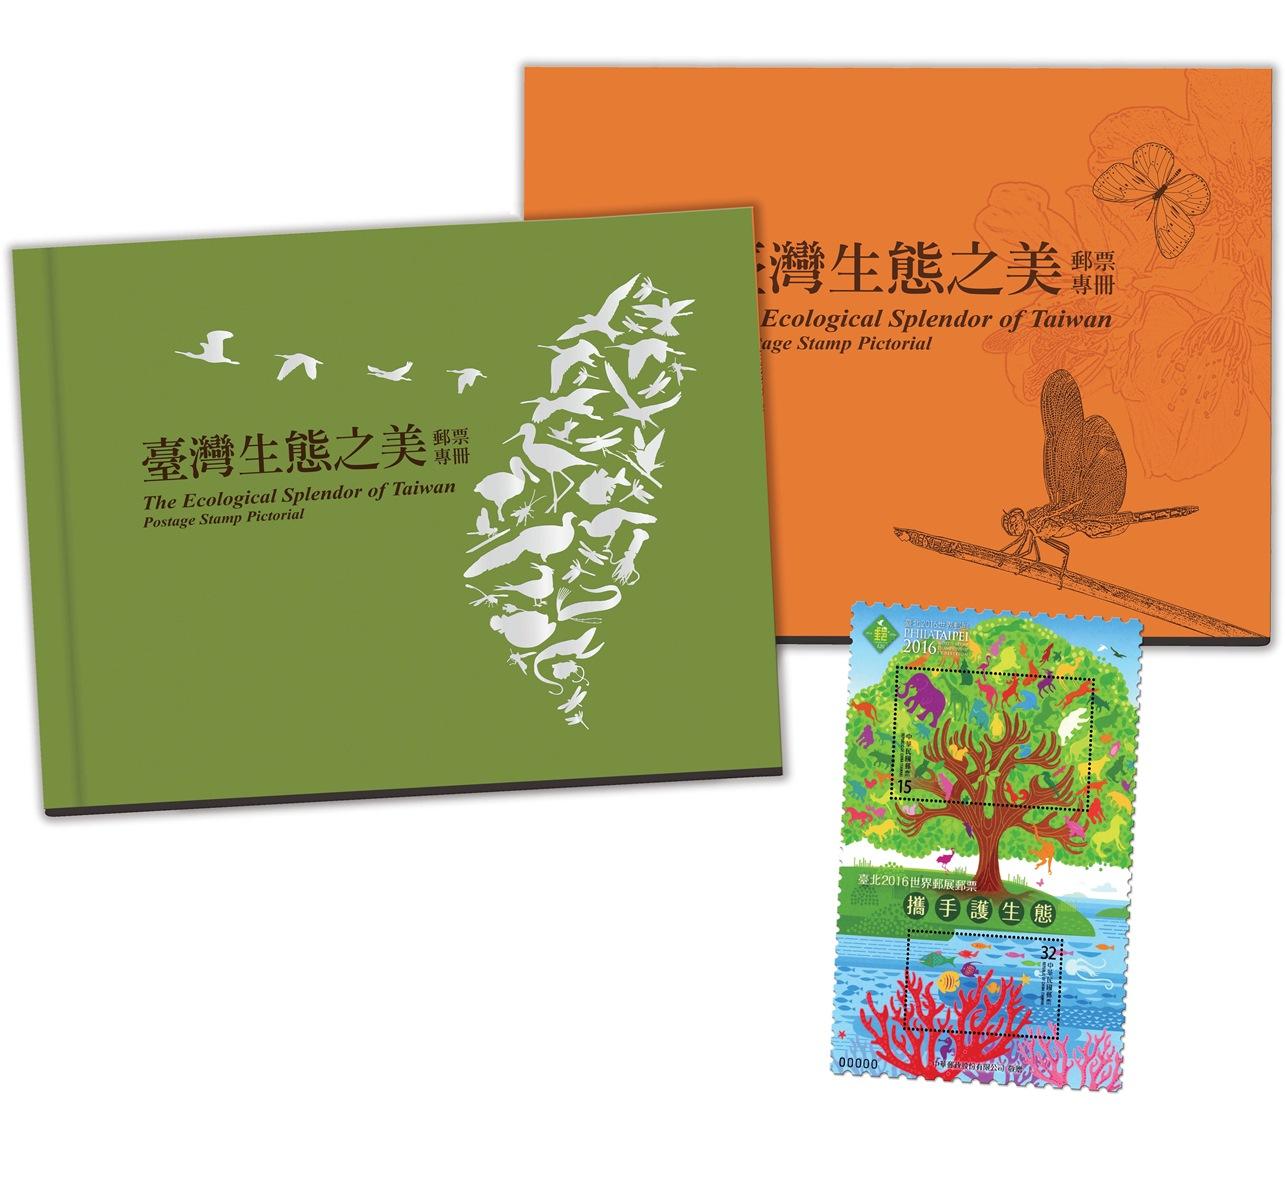 中華郵政WebATM圖